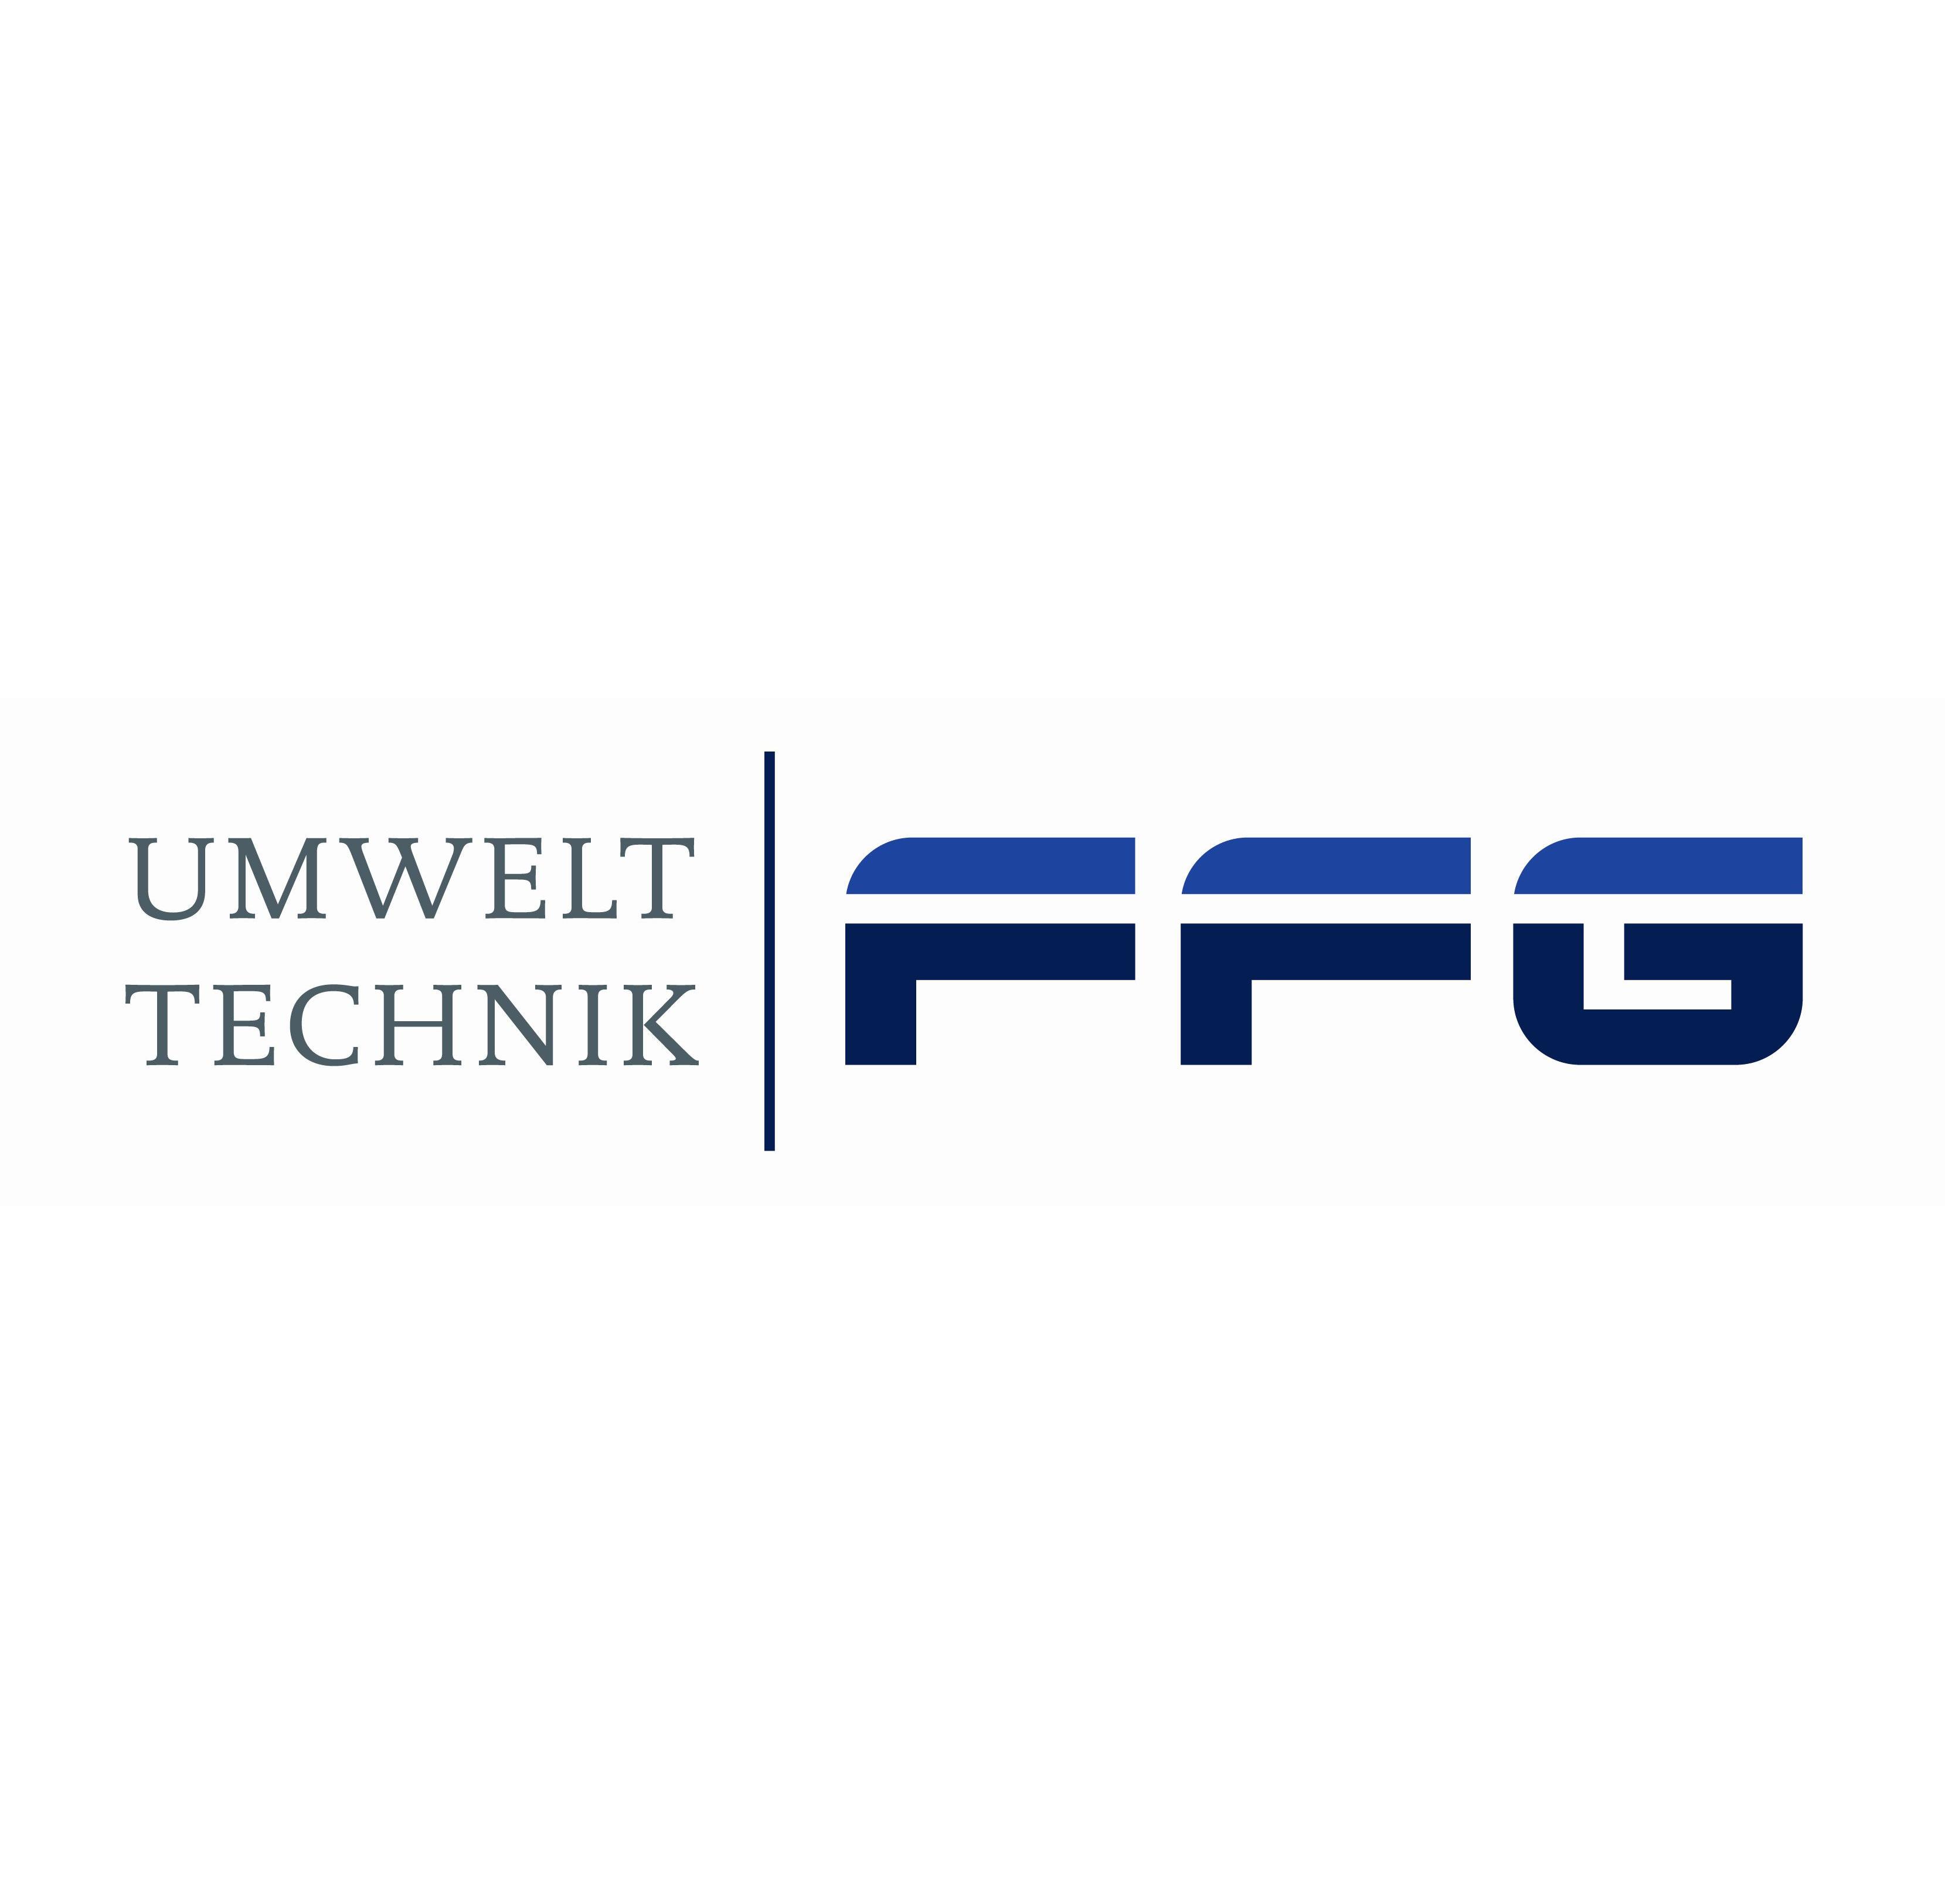 FFG Umwelttechnik GmbH & Co. KG